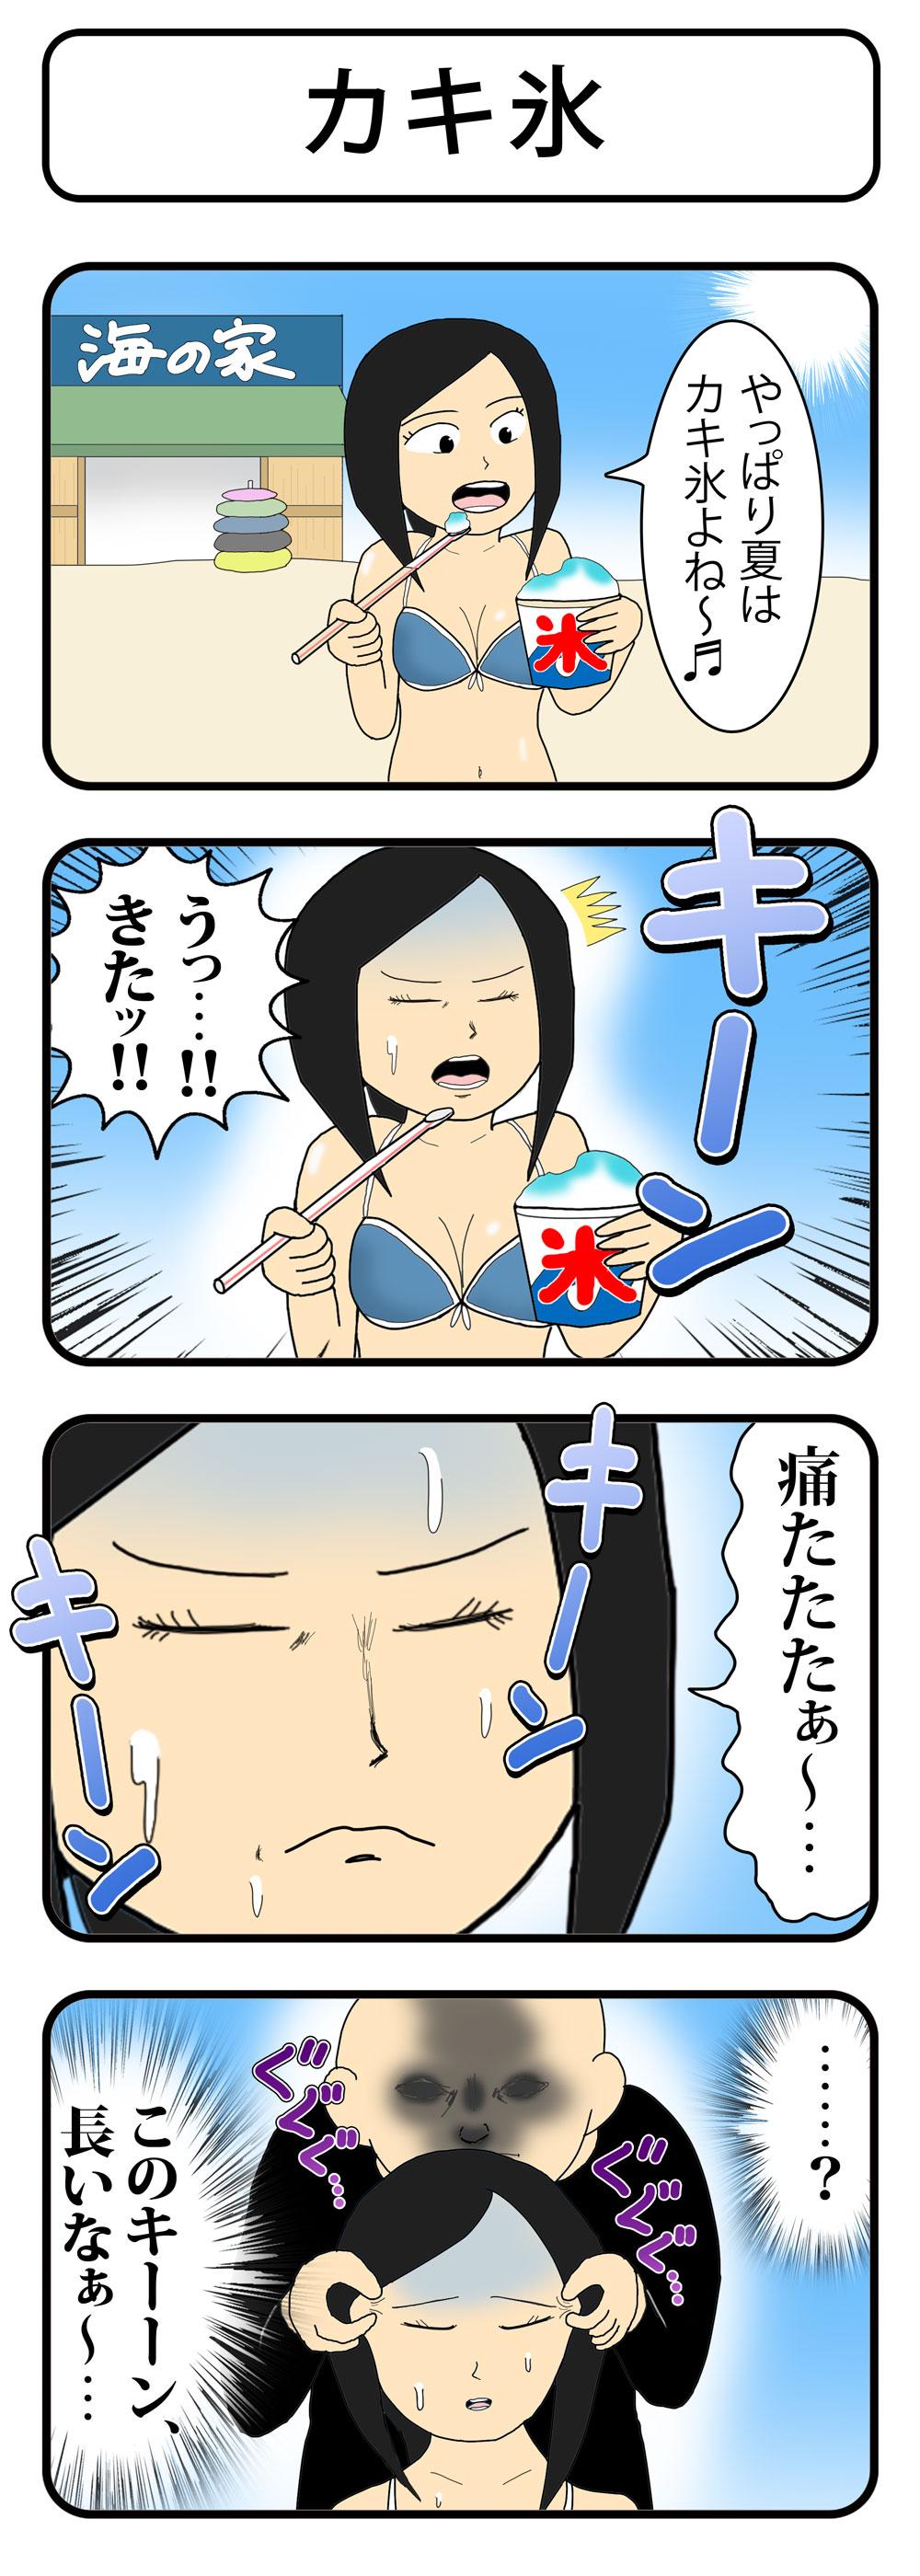 ②かき氷c2